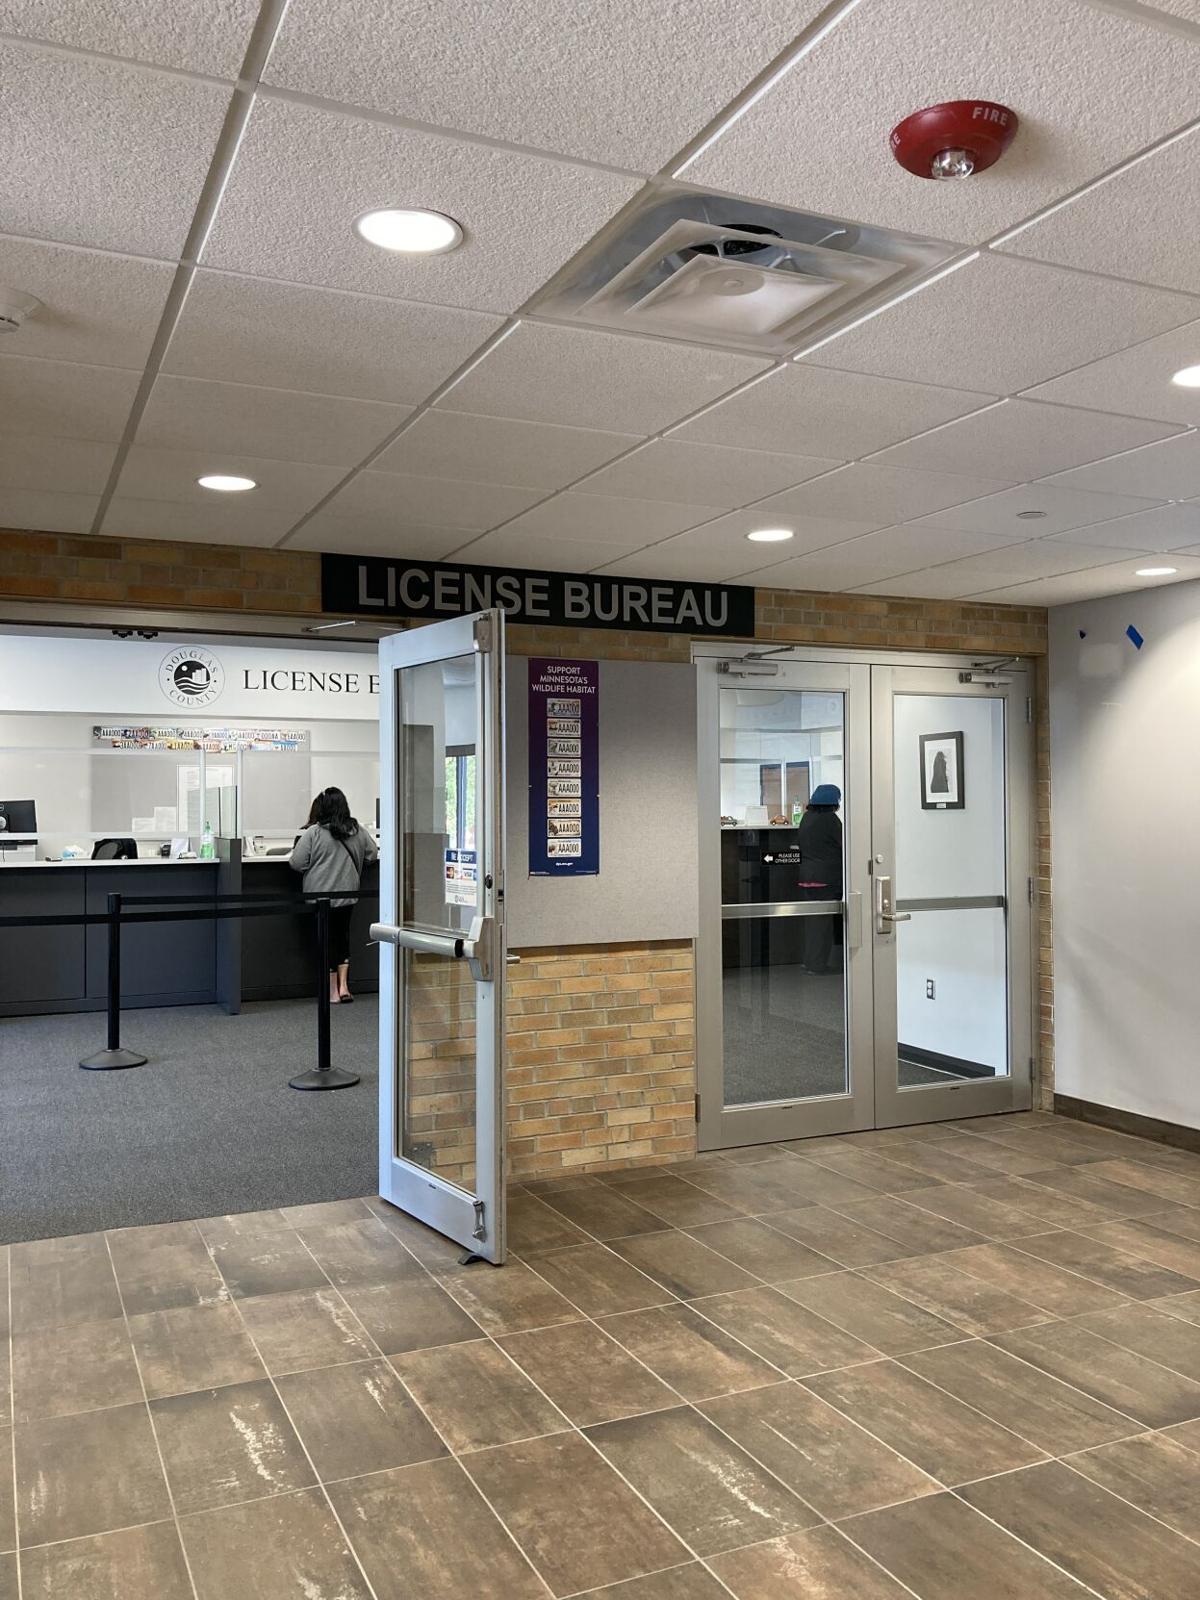 License Bureau